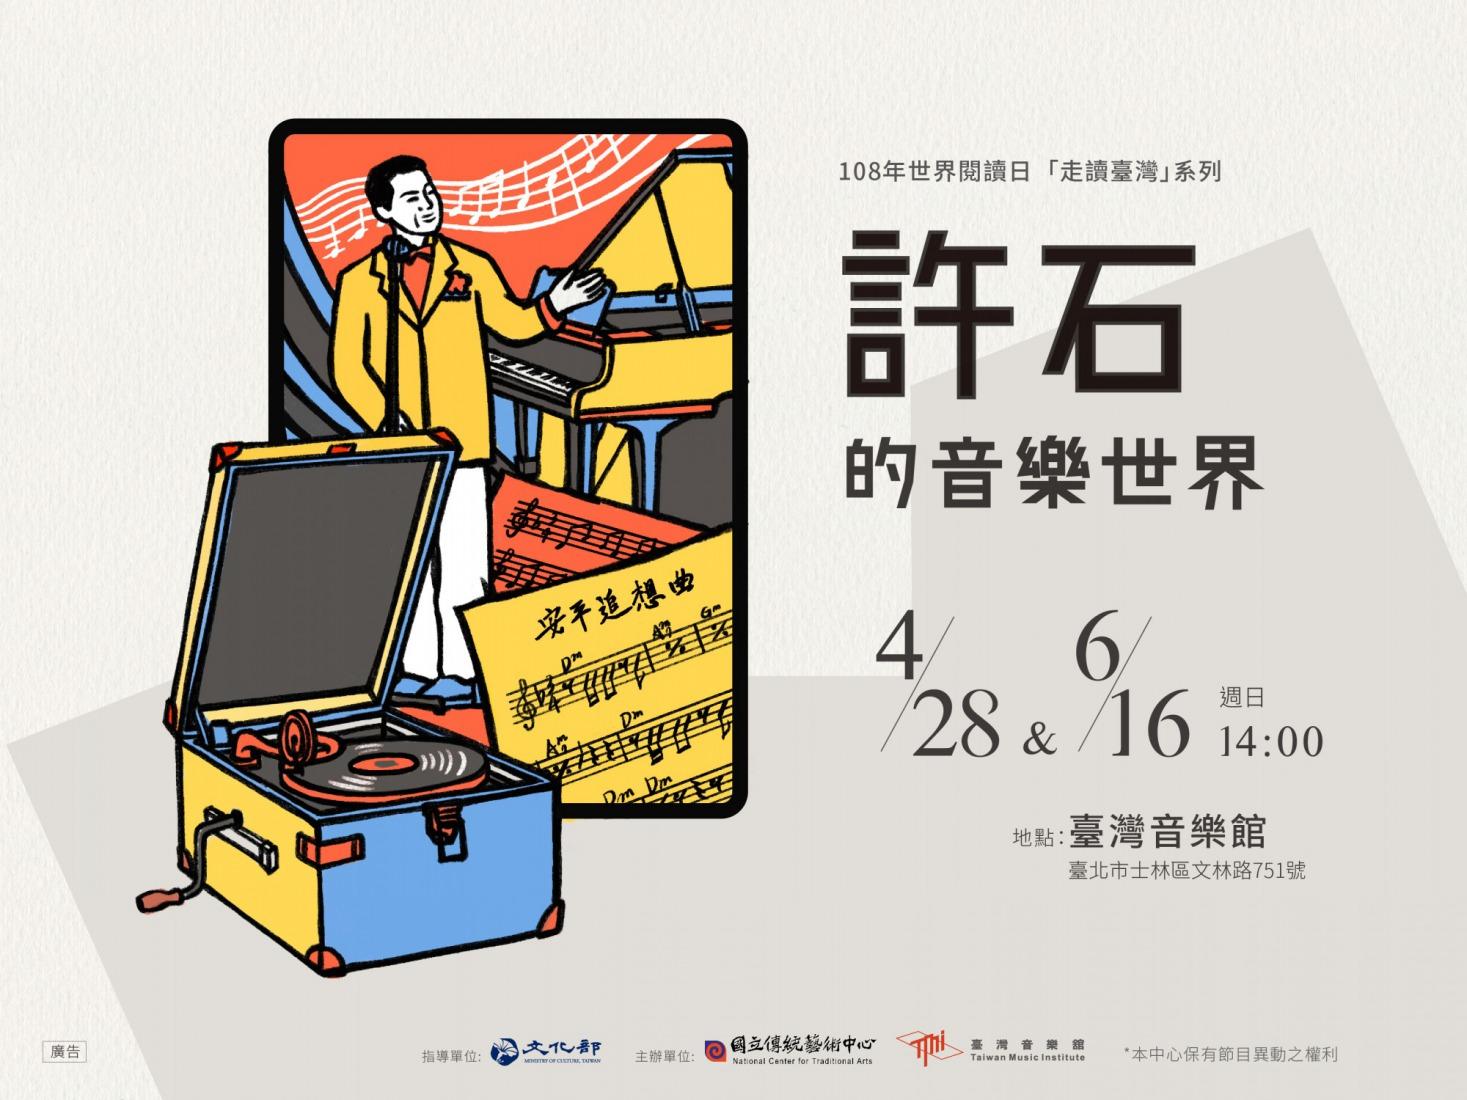 親子閱讀活動 台北 許石的音樂世界